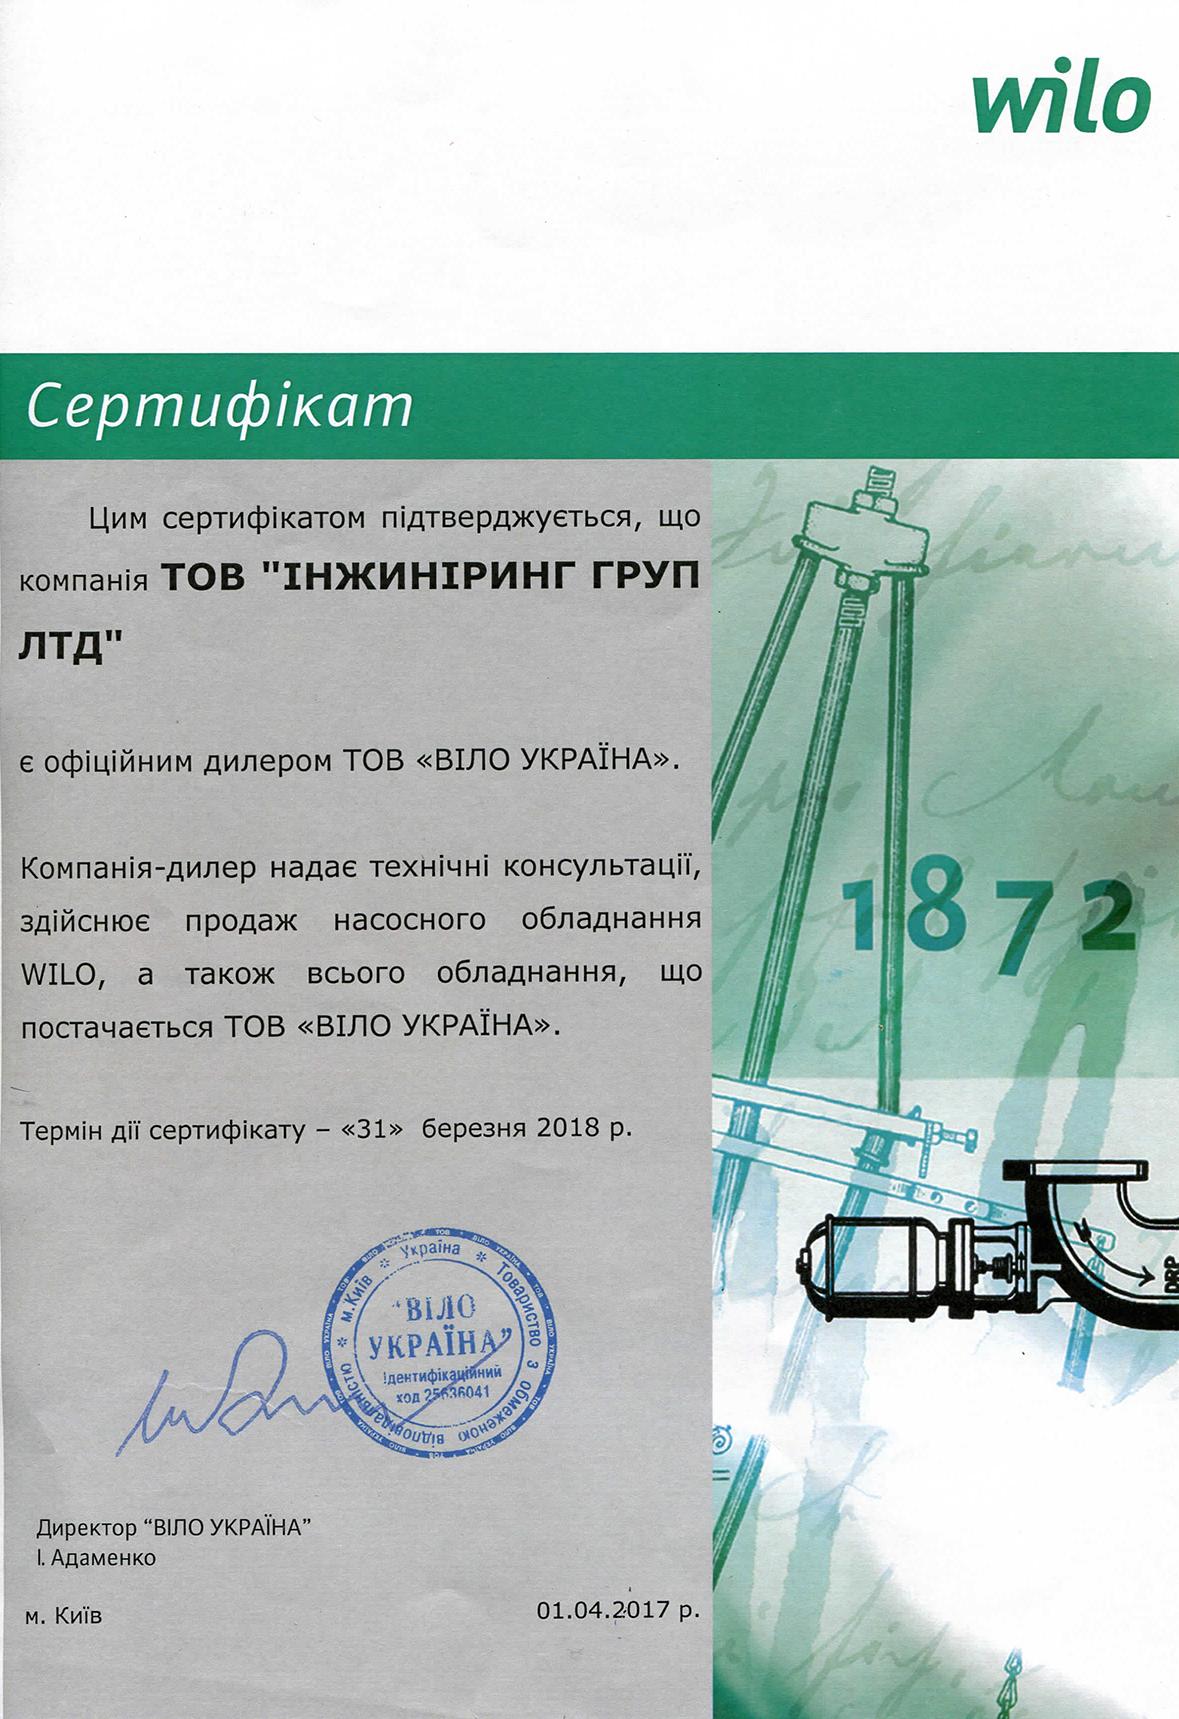 Сертификат партнера WILO